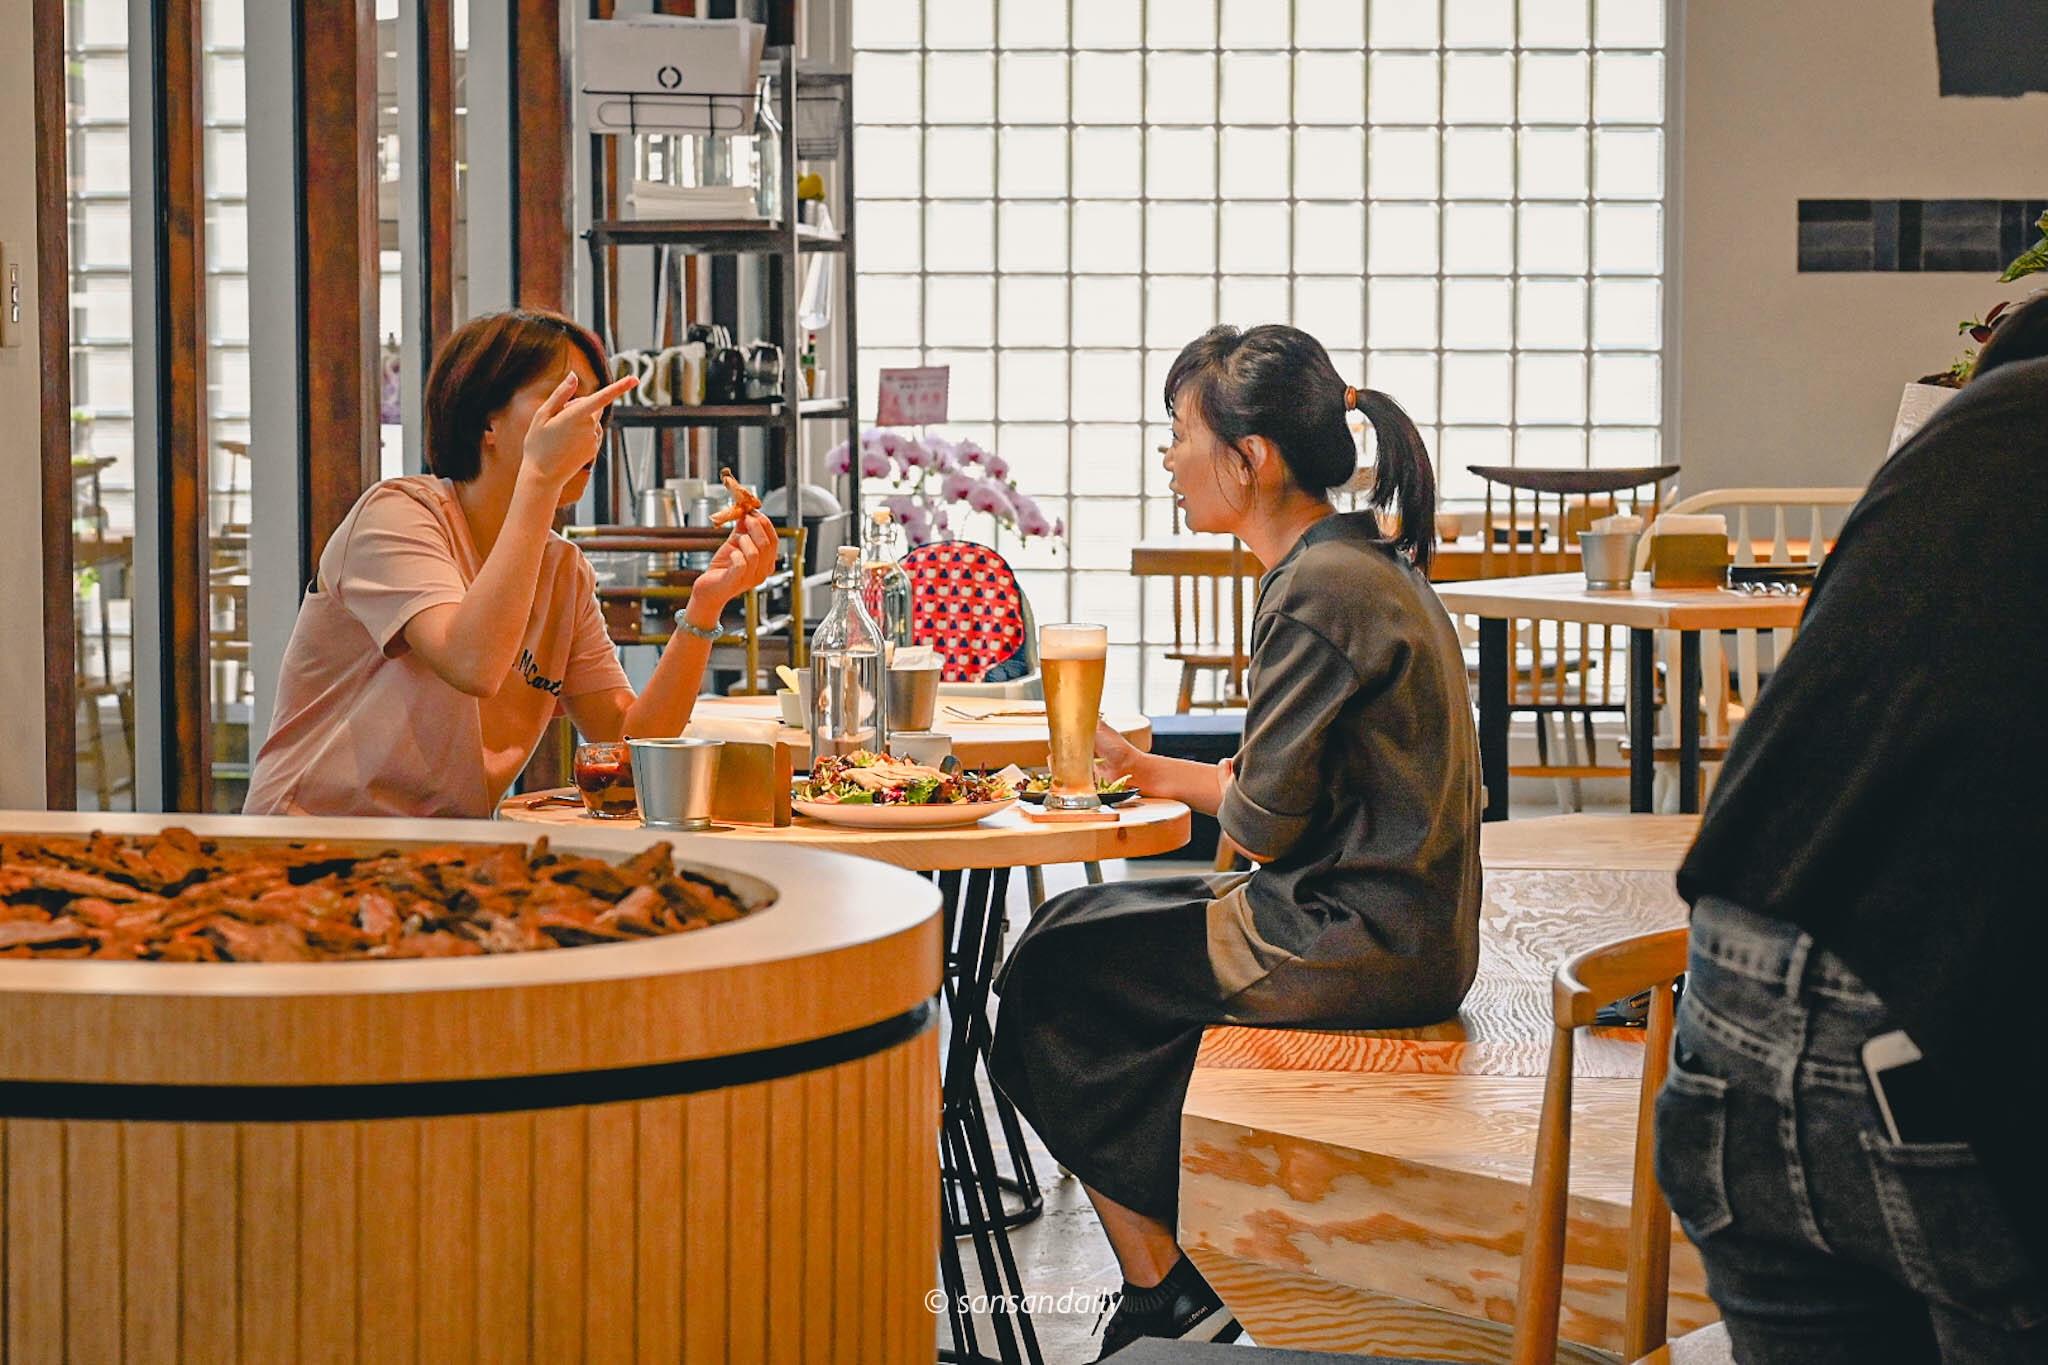 GUMGUM Beer & Wings雞翅酒吧內科店 午間上班族用餐情境圖